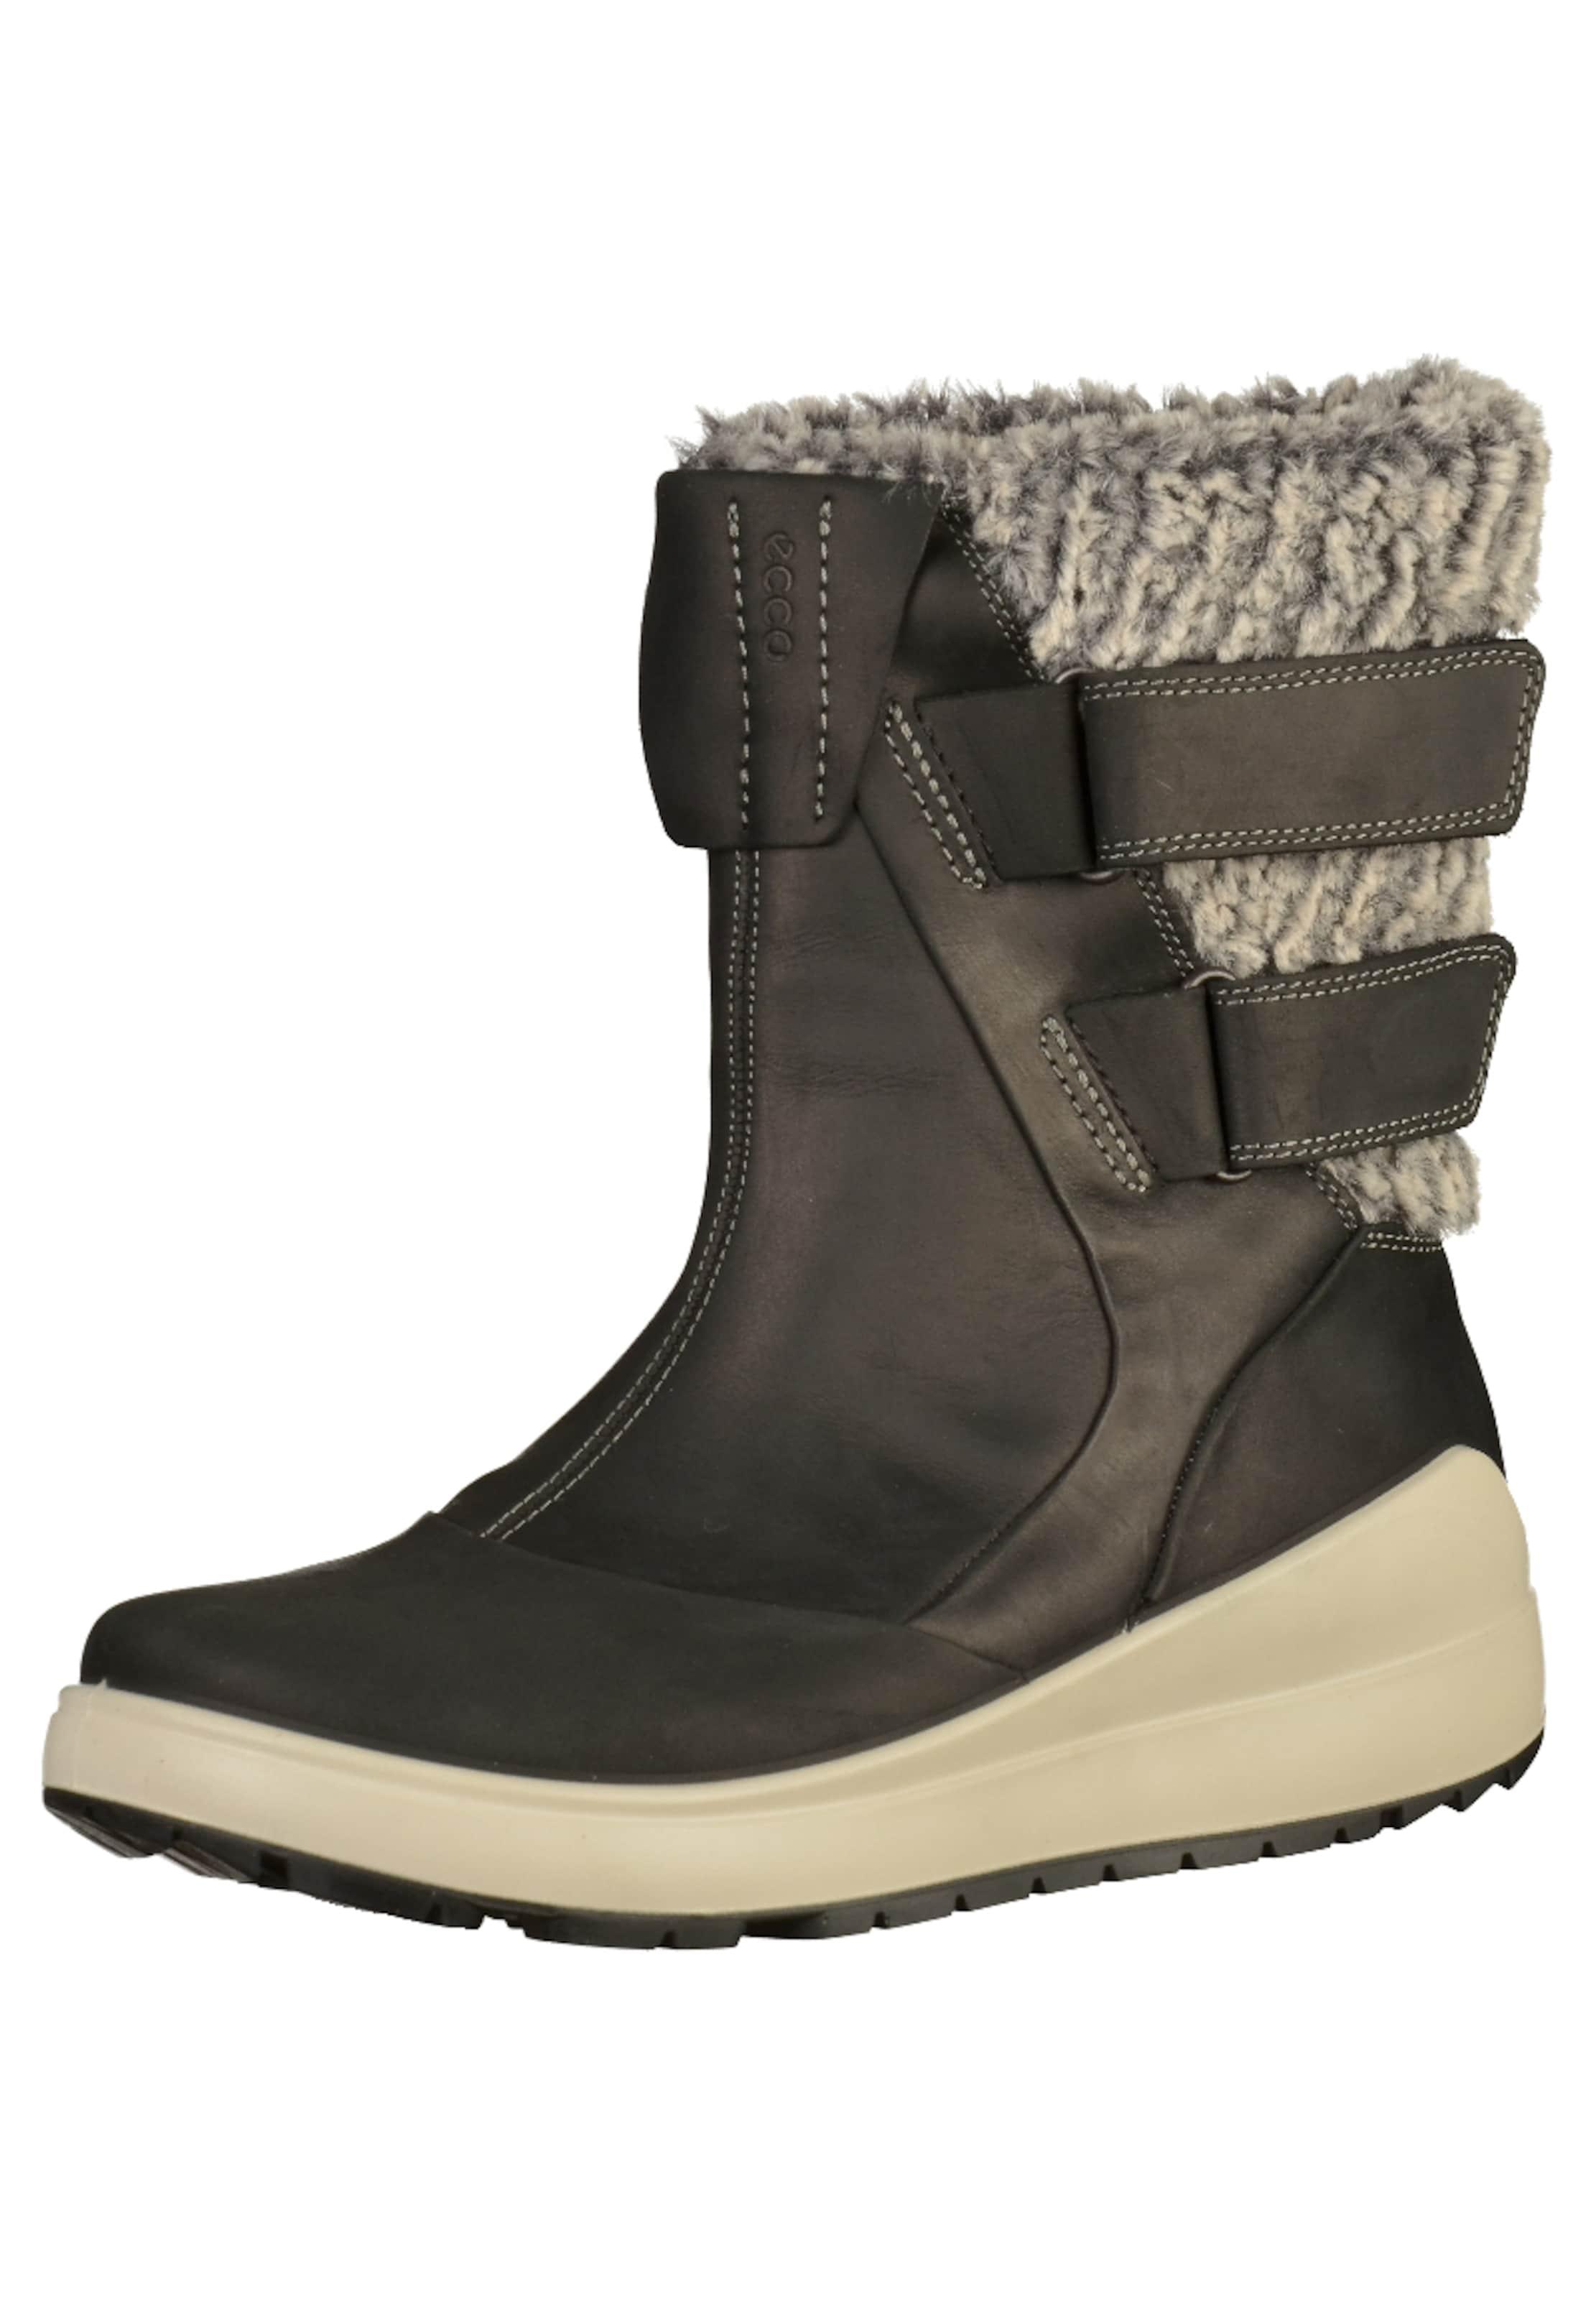 ECCO Stiefel Verschleißfeste billige Schuhe Hohe Qualität